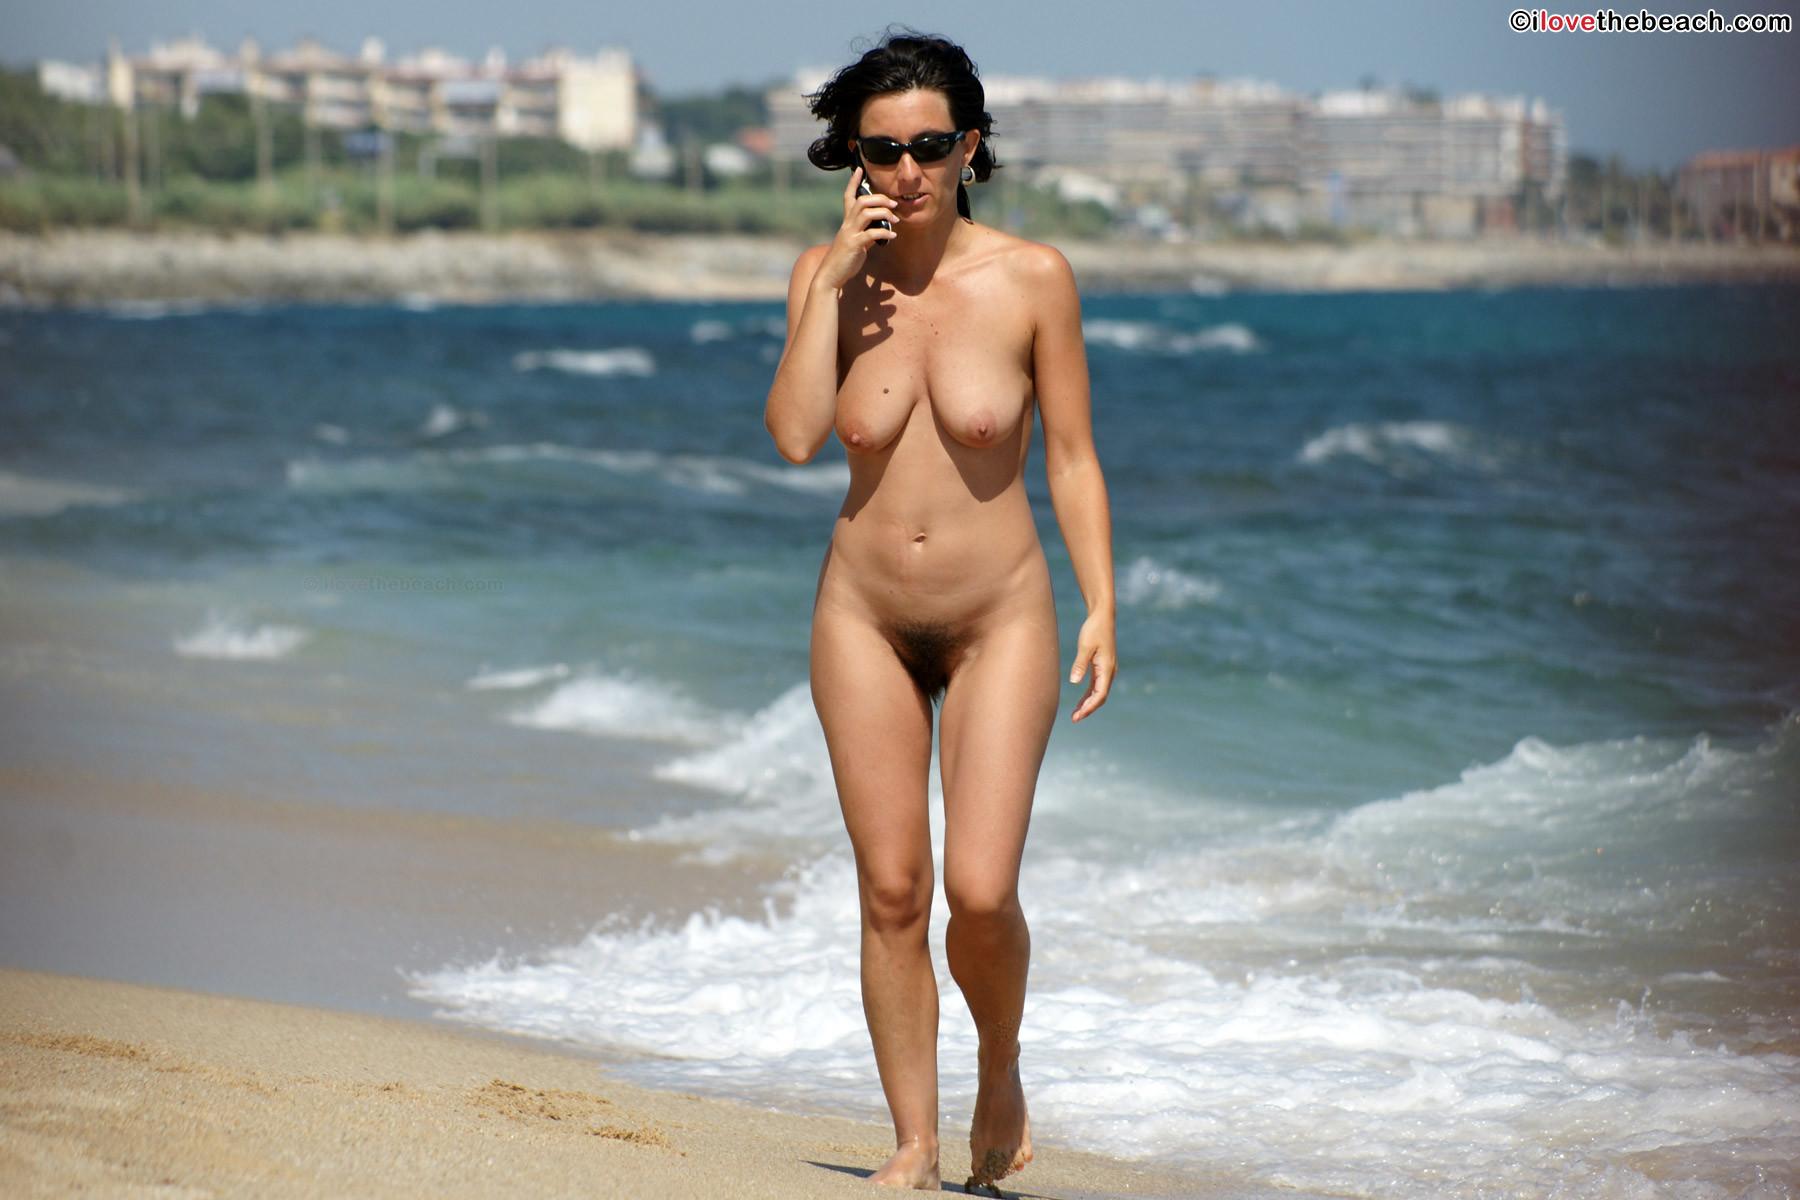 Раскованная девушка гуляет по пляжу абсолютно обнаженная